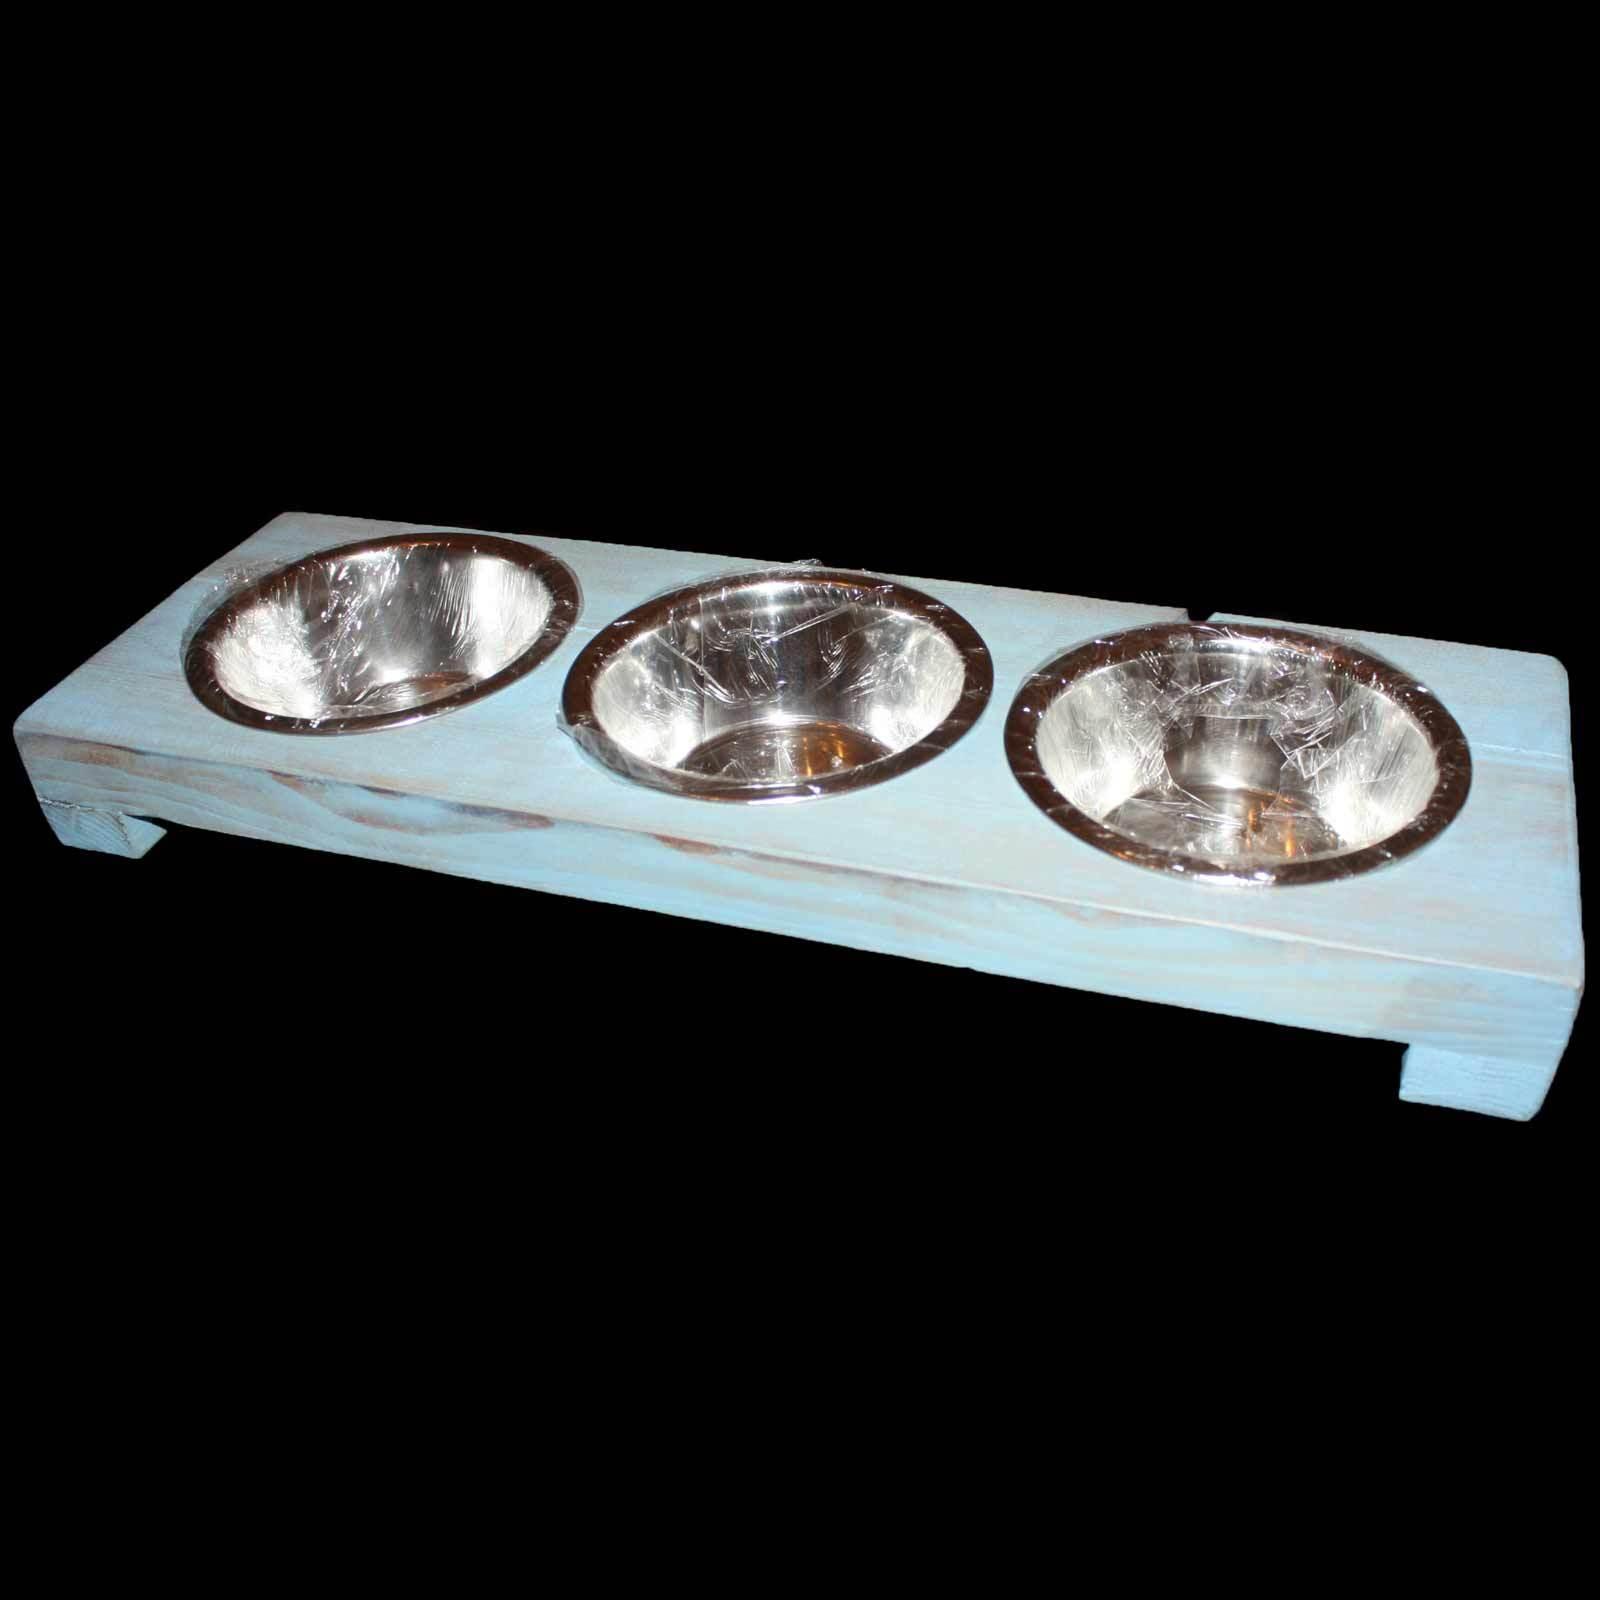 3er Futterstation Napfständer Hundenapf Fressnapf Hund Katze 3x0,7 l Shabby blau  | Neuankömmling